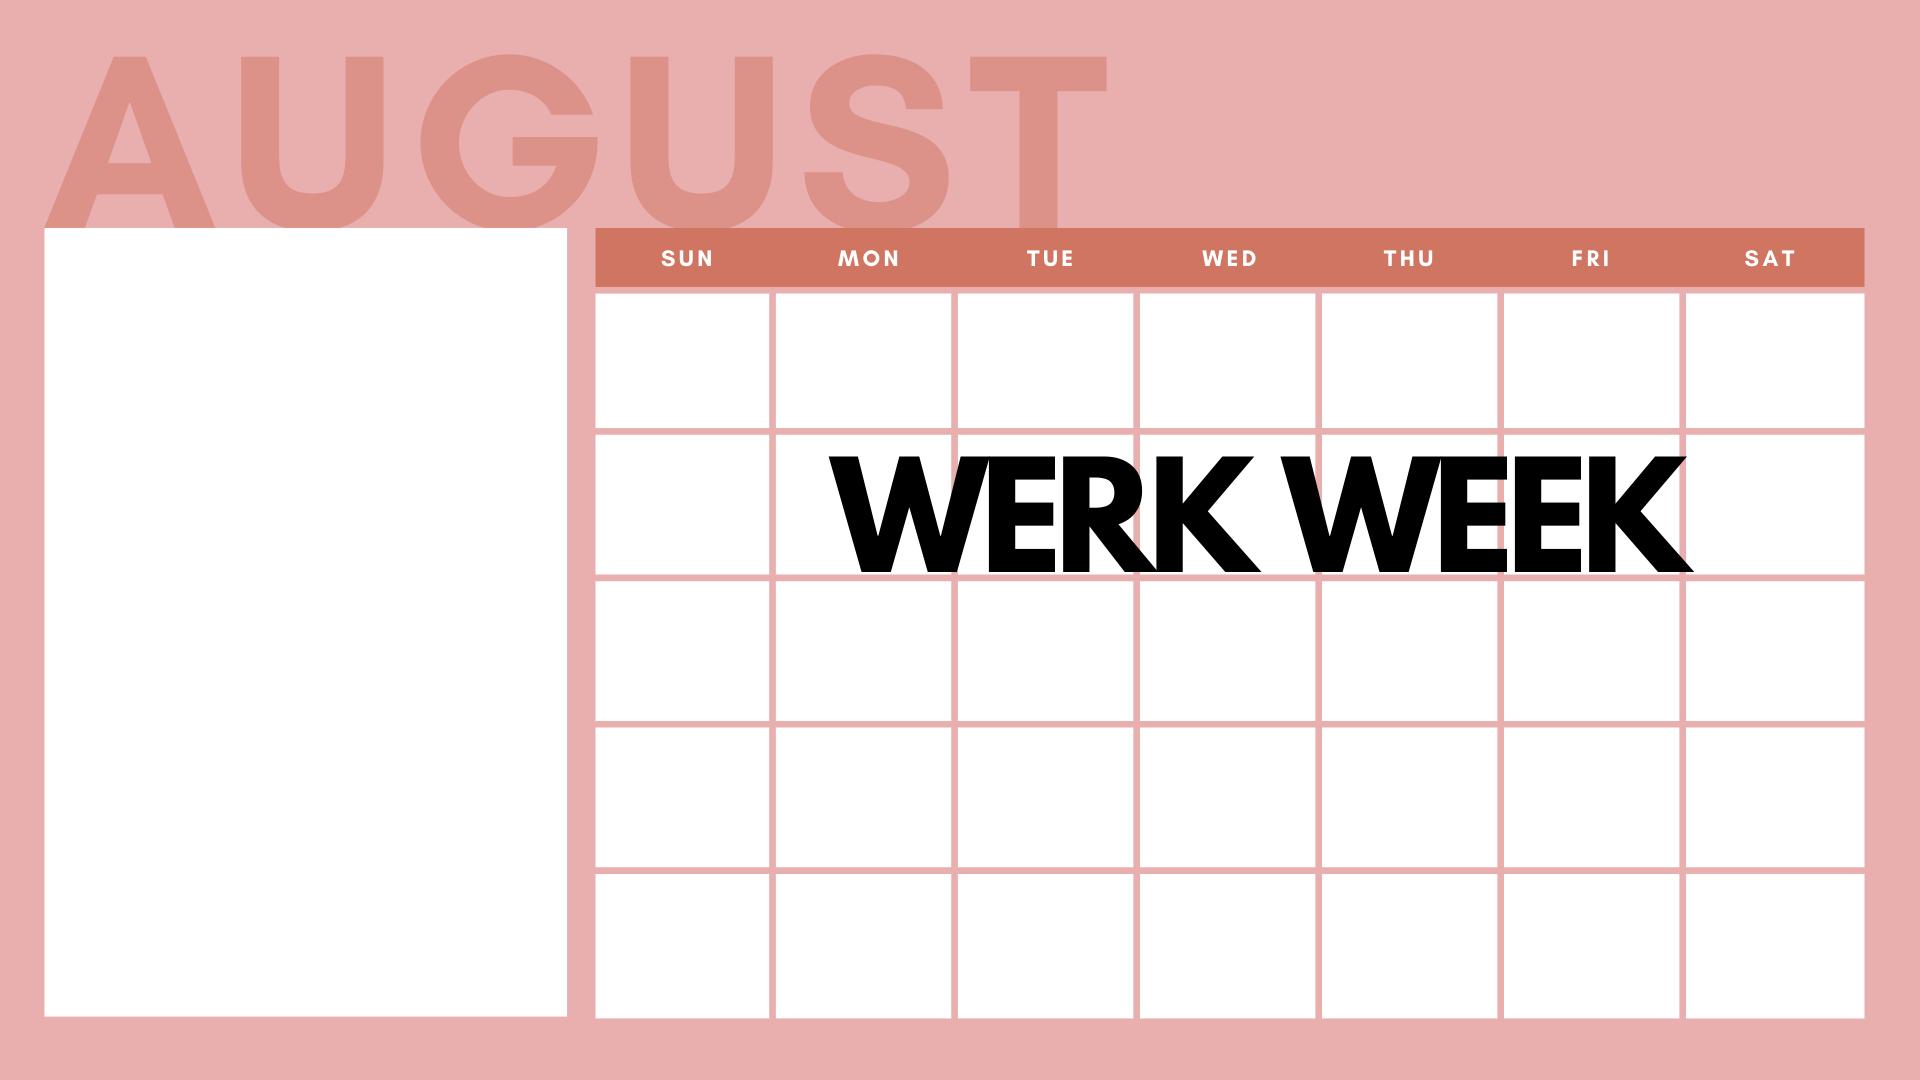 Violet and Pink General Calendar